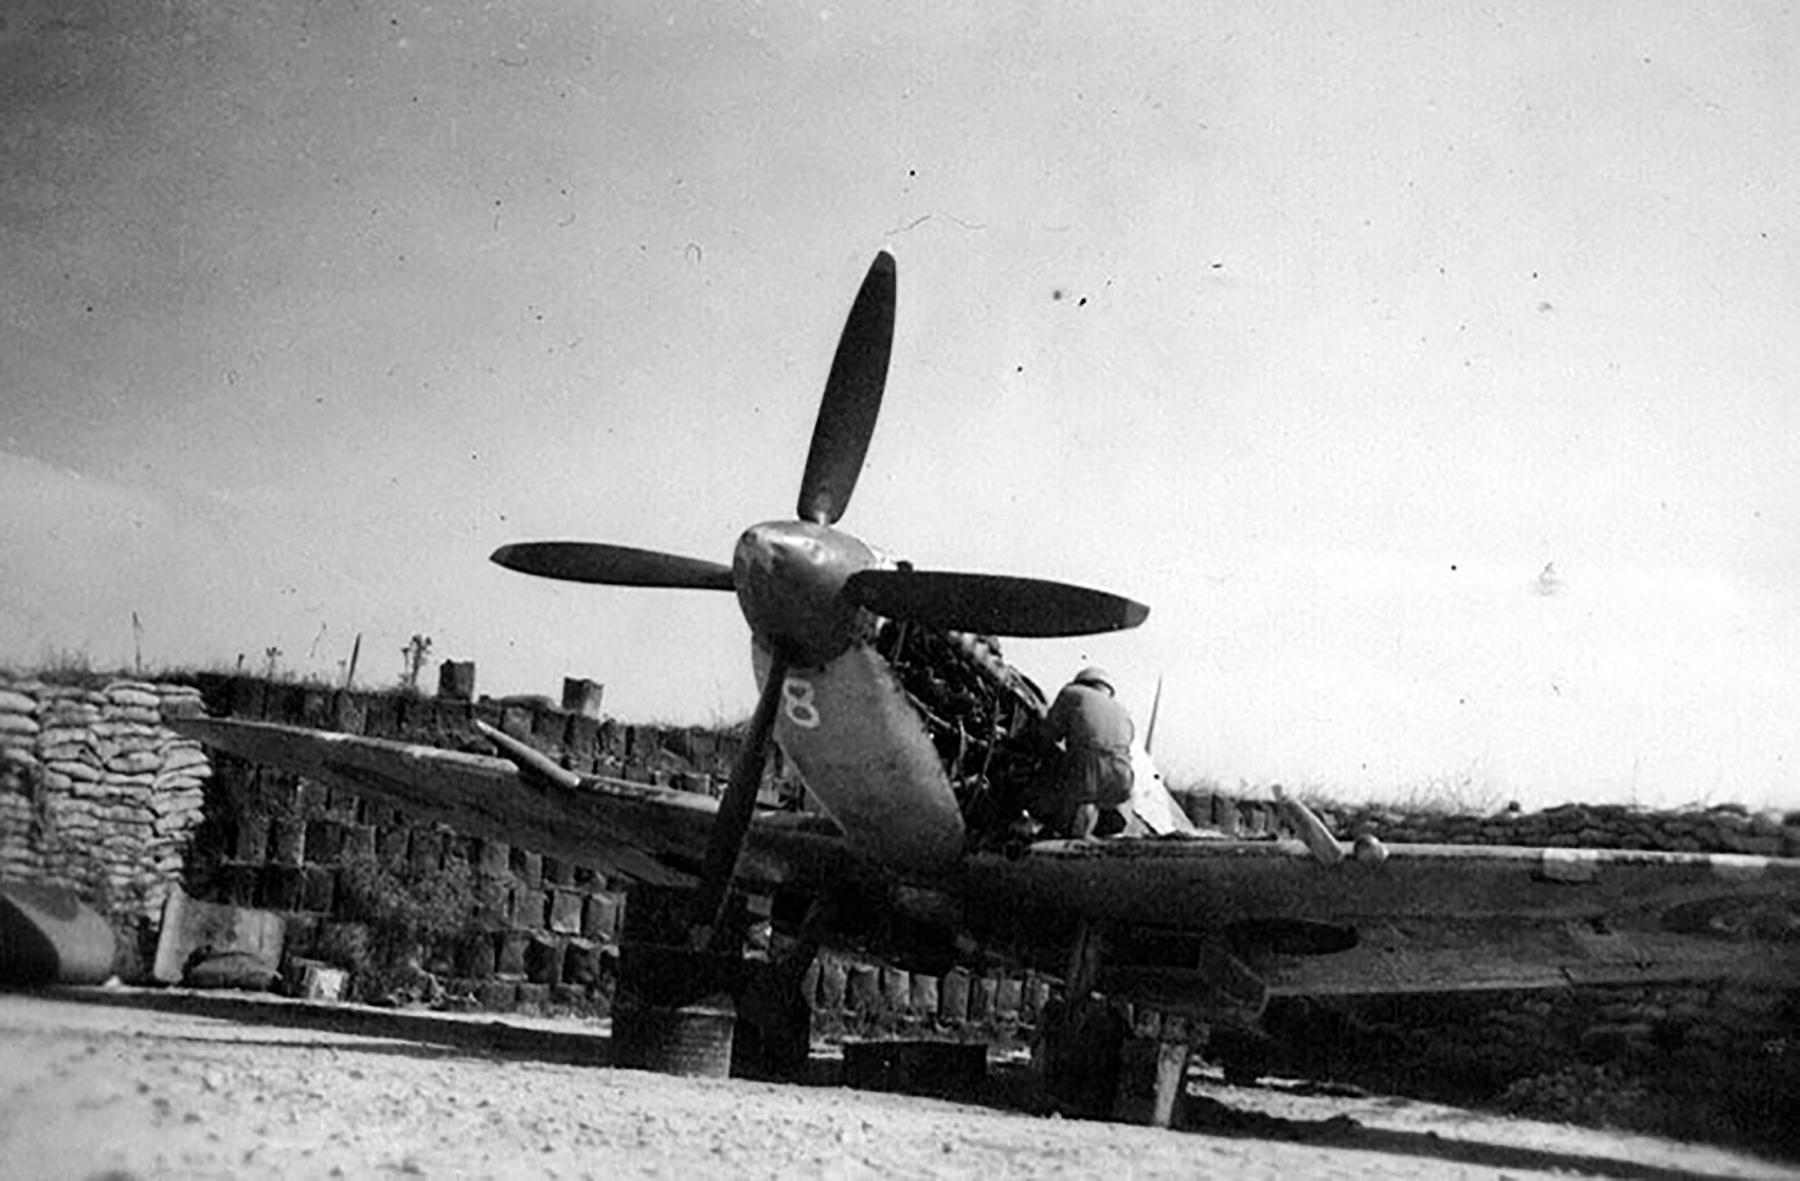 Spitfire MkIX SAAF 1Sqn AX8 Robbie Robinson EN286 Luqa Malta Jun 1943 03